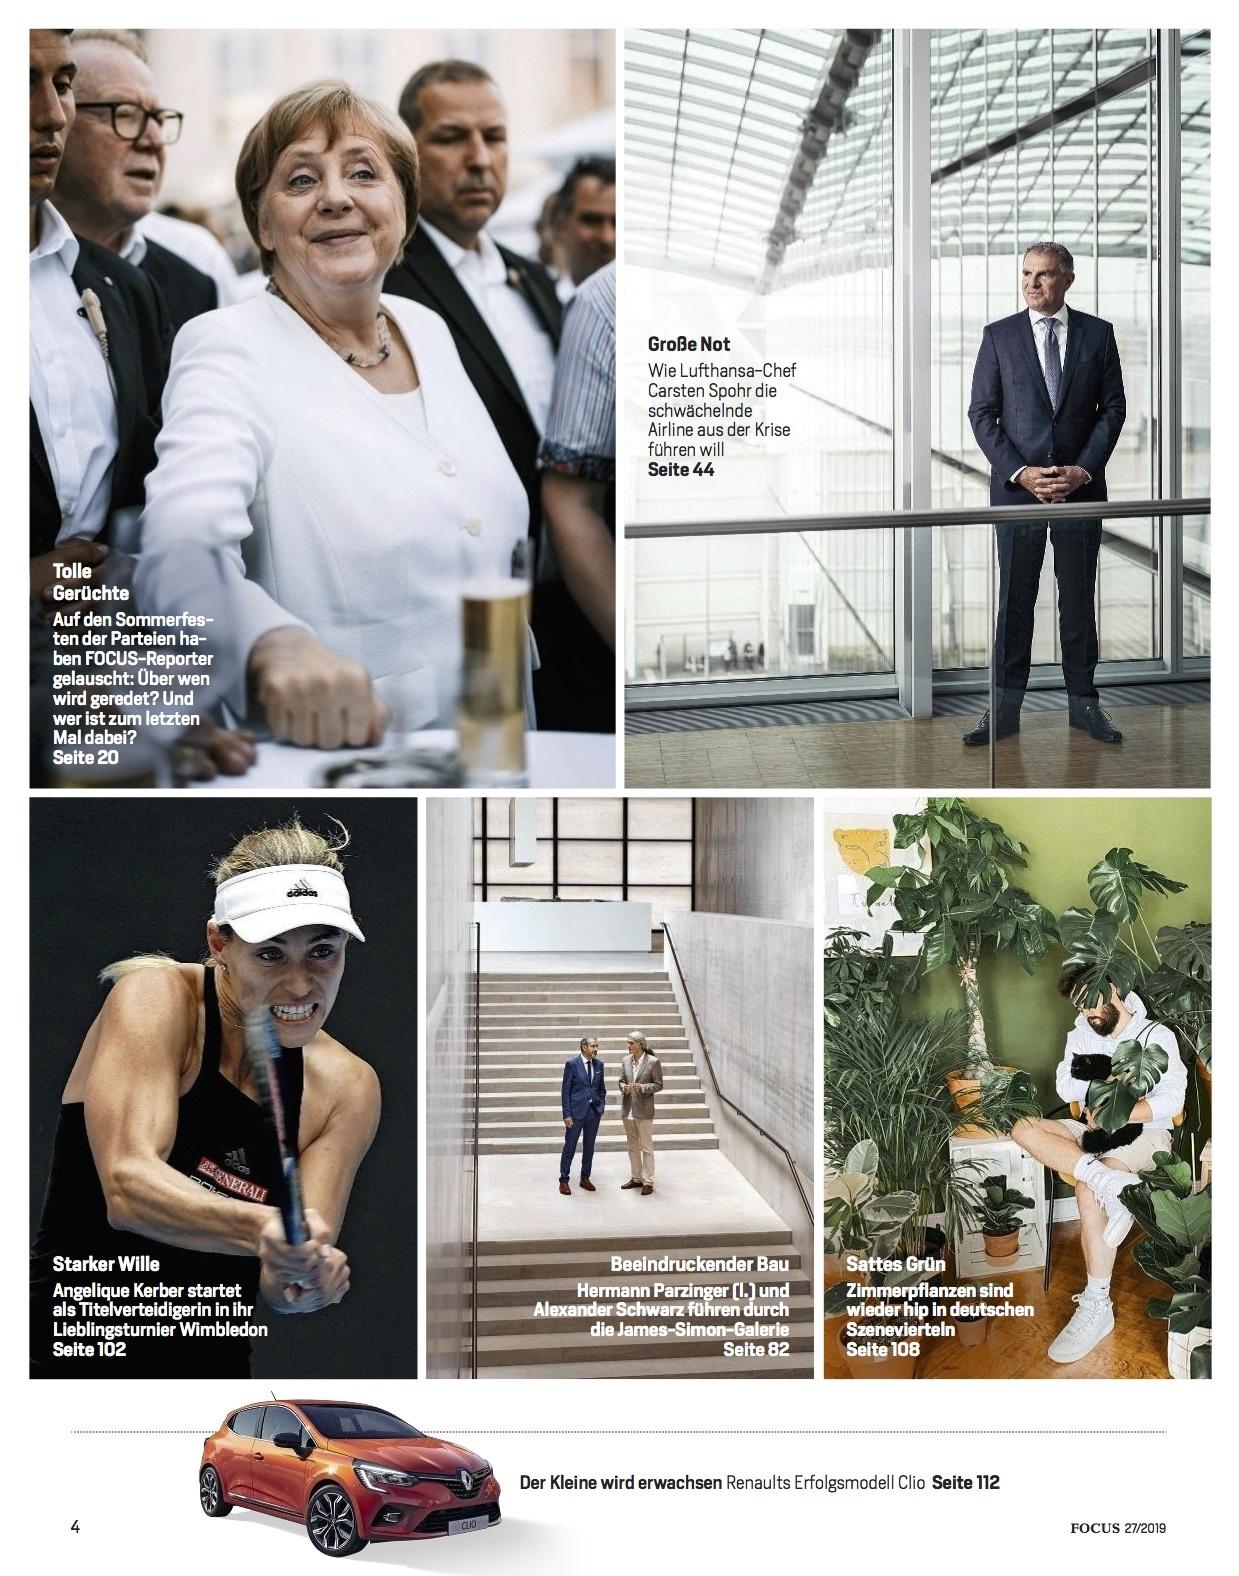 FOCUS Magazin FOCUS Magazin - Die 35 schönsten Strände Deutschlands